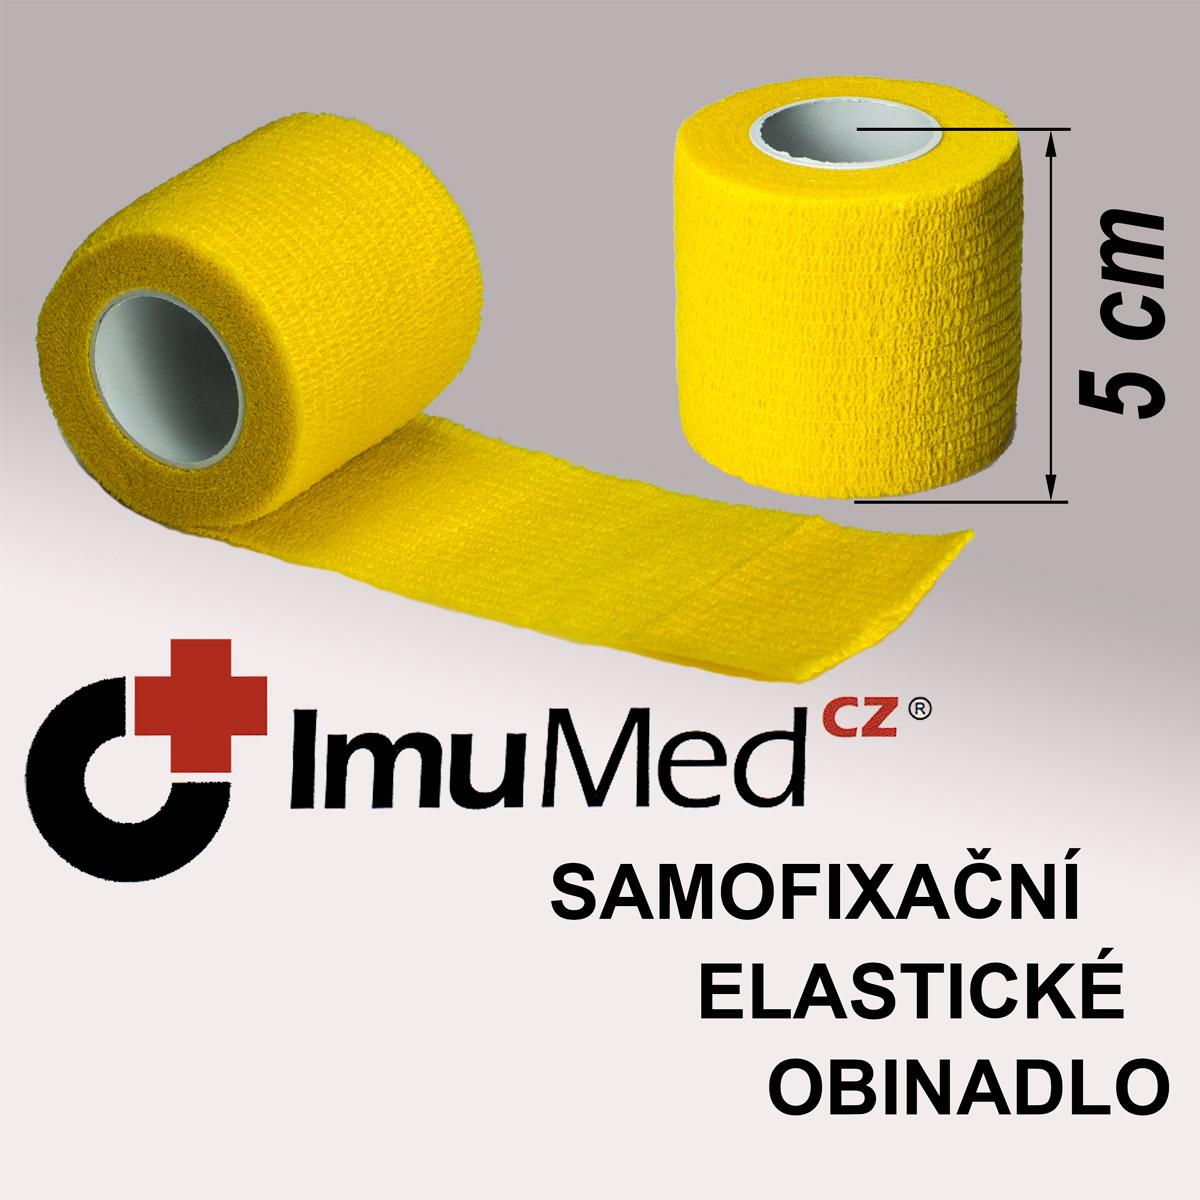 ImuMedCZ samofixační elastické obinadlo 5 cm x 4,5 m ŽLUTÁ barva ImuMedCZ samodržící elastické obinadlo 5 cm x 4,5 m ŽLUTÁ barva